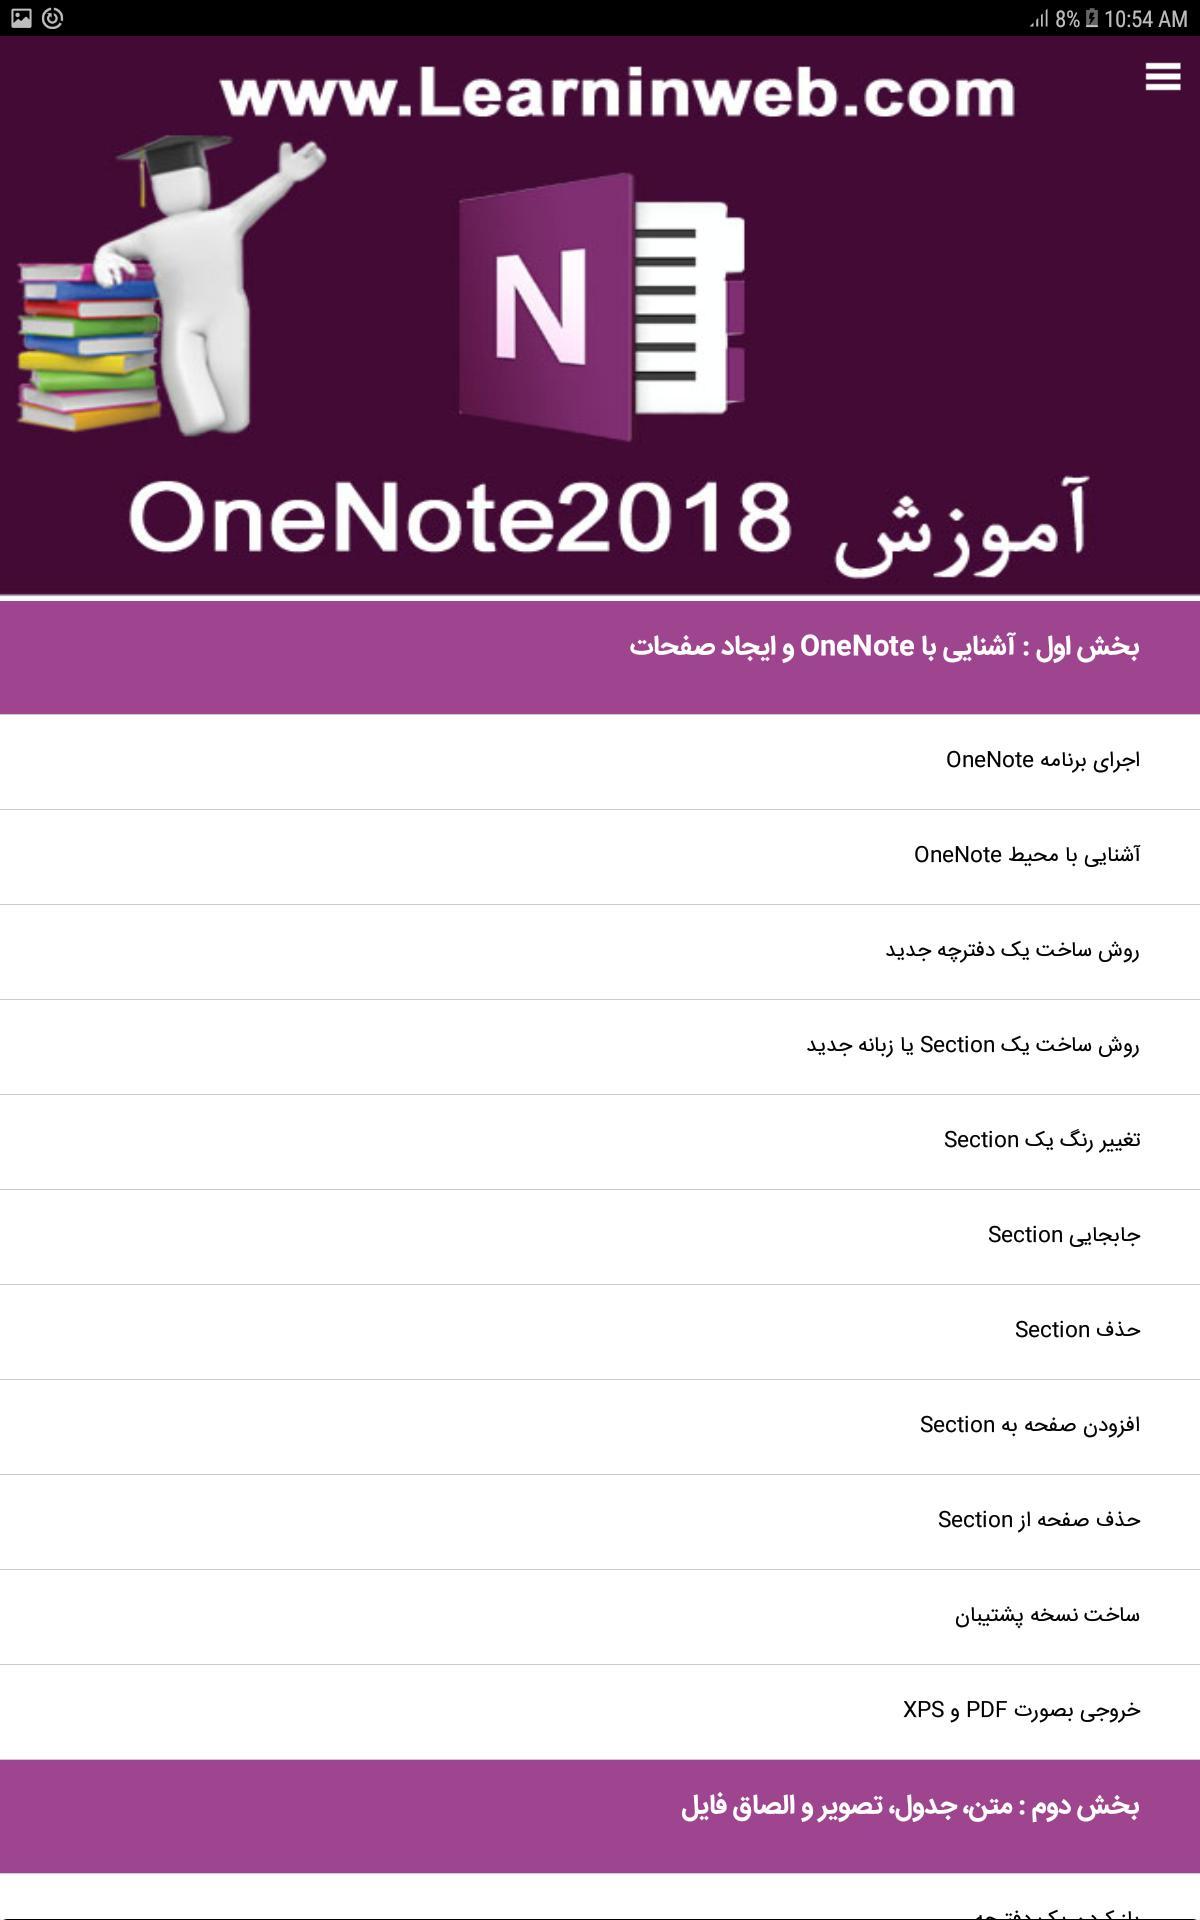 آموزش وان نوت 2016 - آموزش OneNote 2016 for Android - APK Download